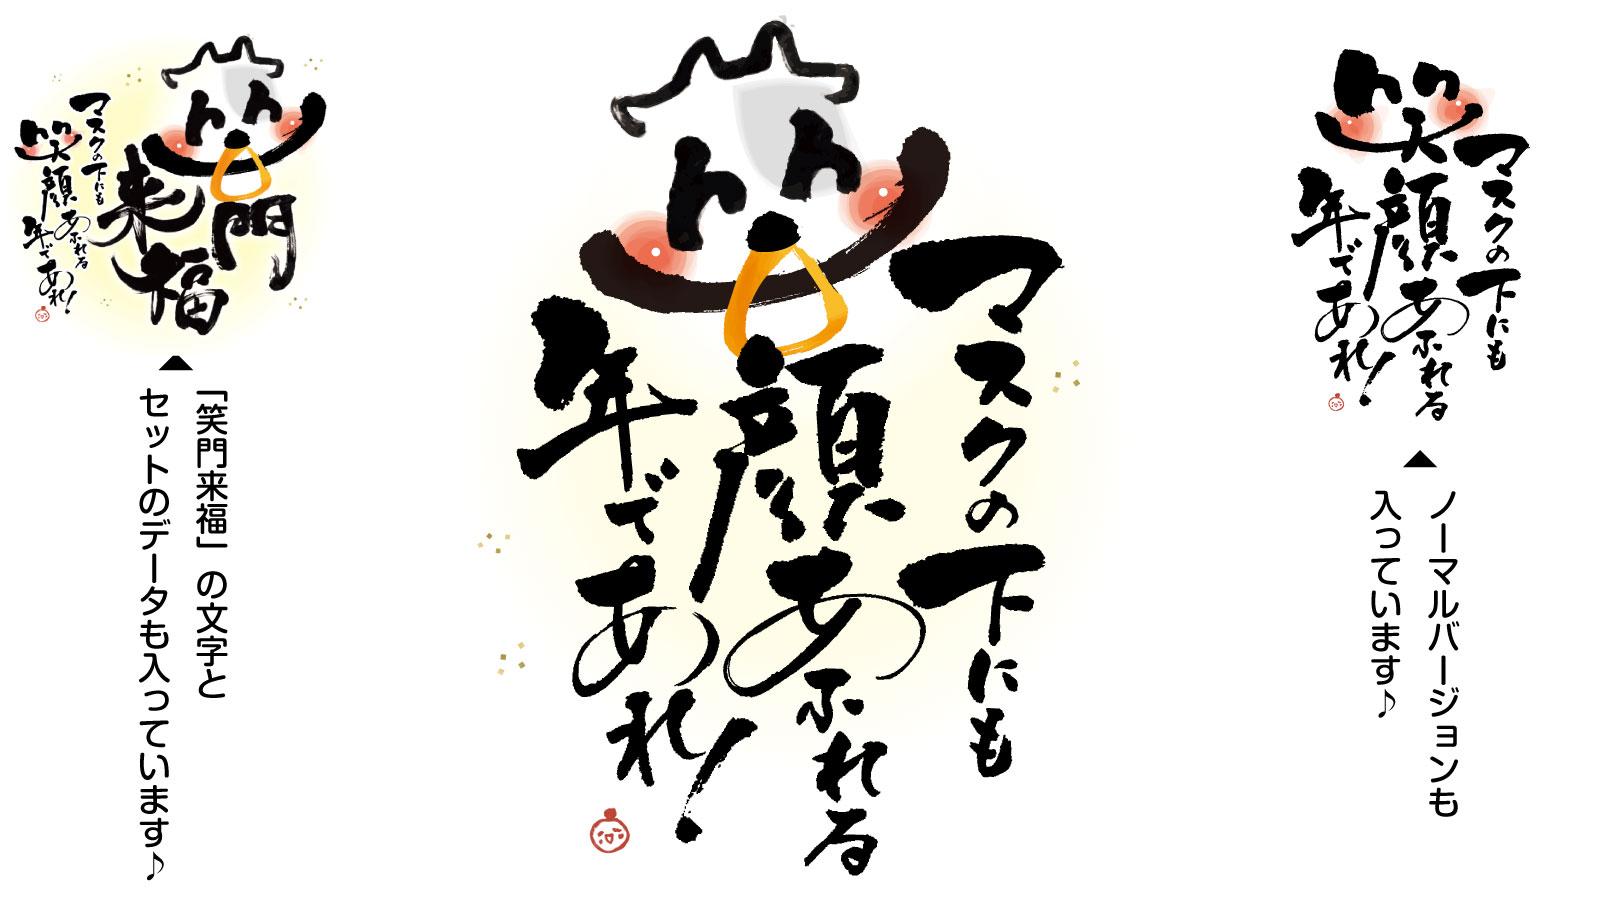 【マスクの下にも笑顔】丑年 年賀状素材